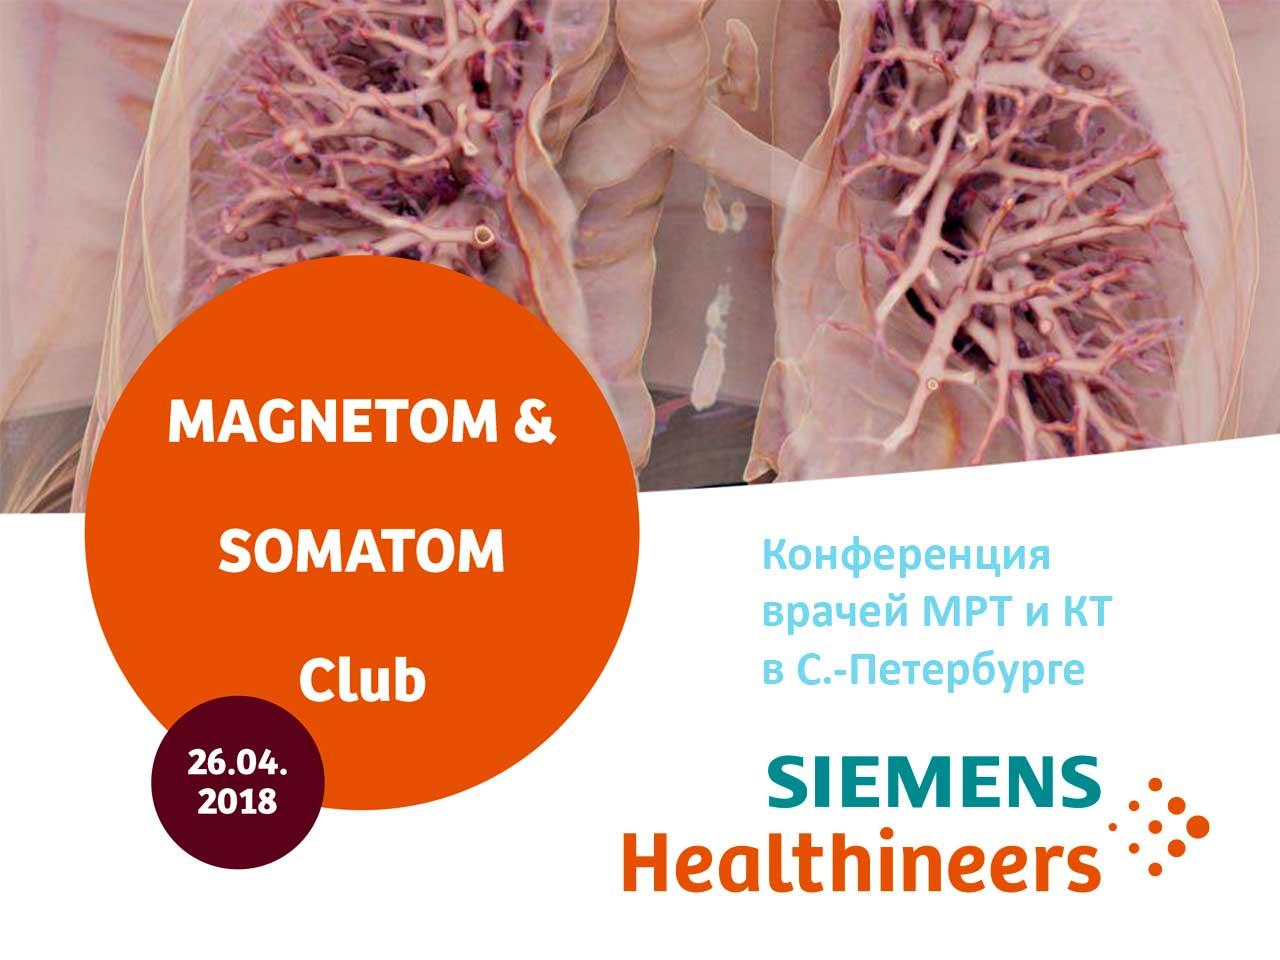 Конференция Siemens в Петербурге 26 апреля 2018 года по МРТ и КТ